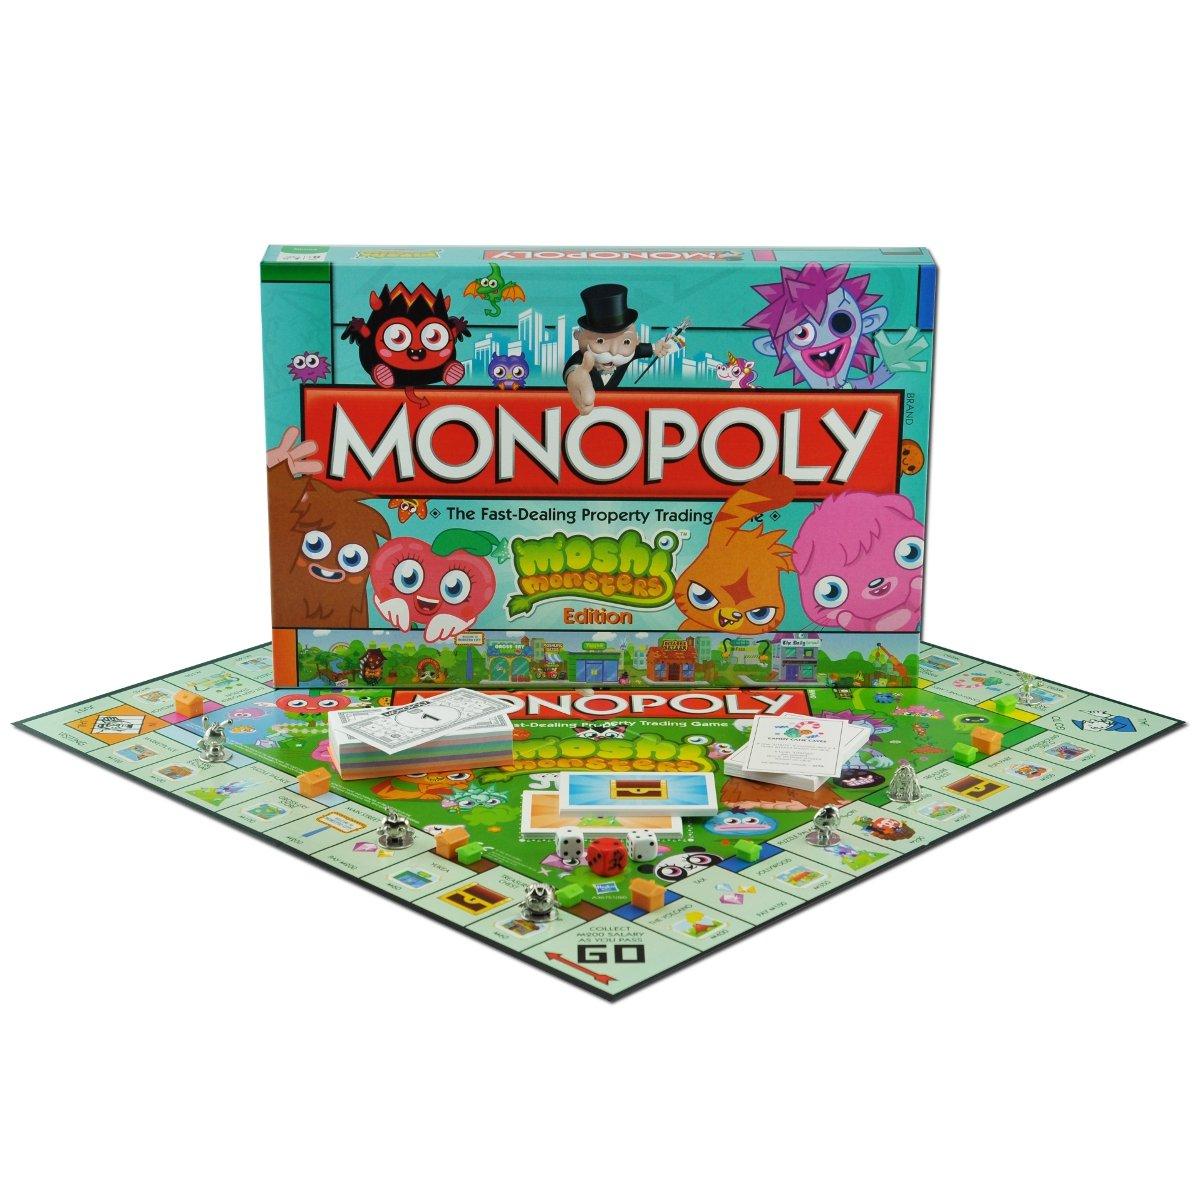 Monopoly - Juego de Tablero Moshi Monsters, 2 o más Jugadores (Winning Moves 19972) (versión en inglés): Amazon.es: Juguetes y juegos